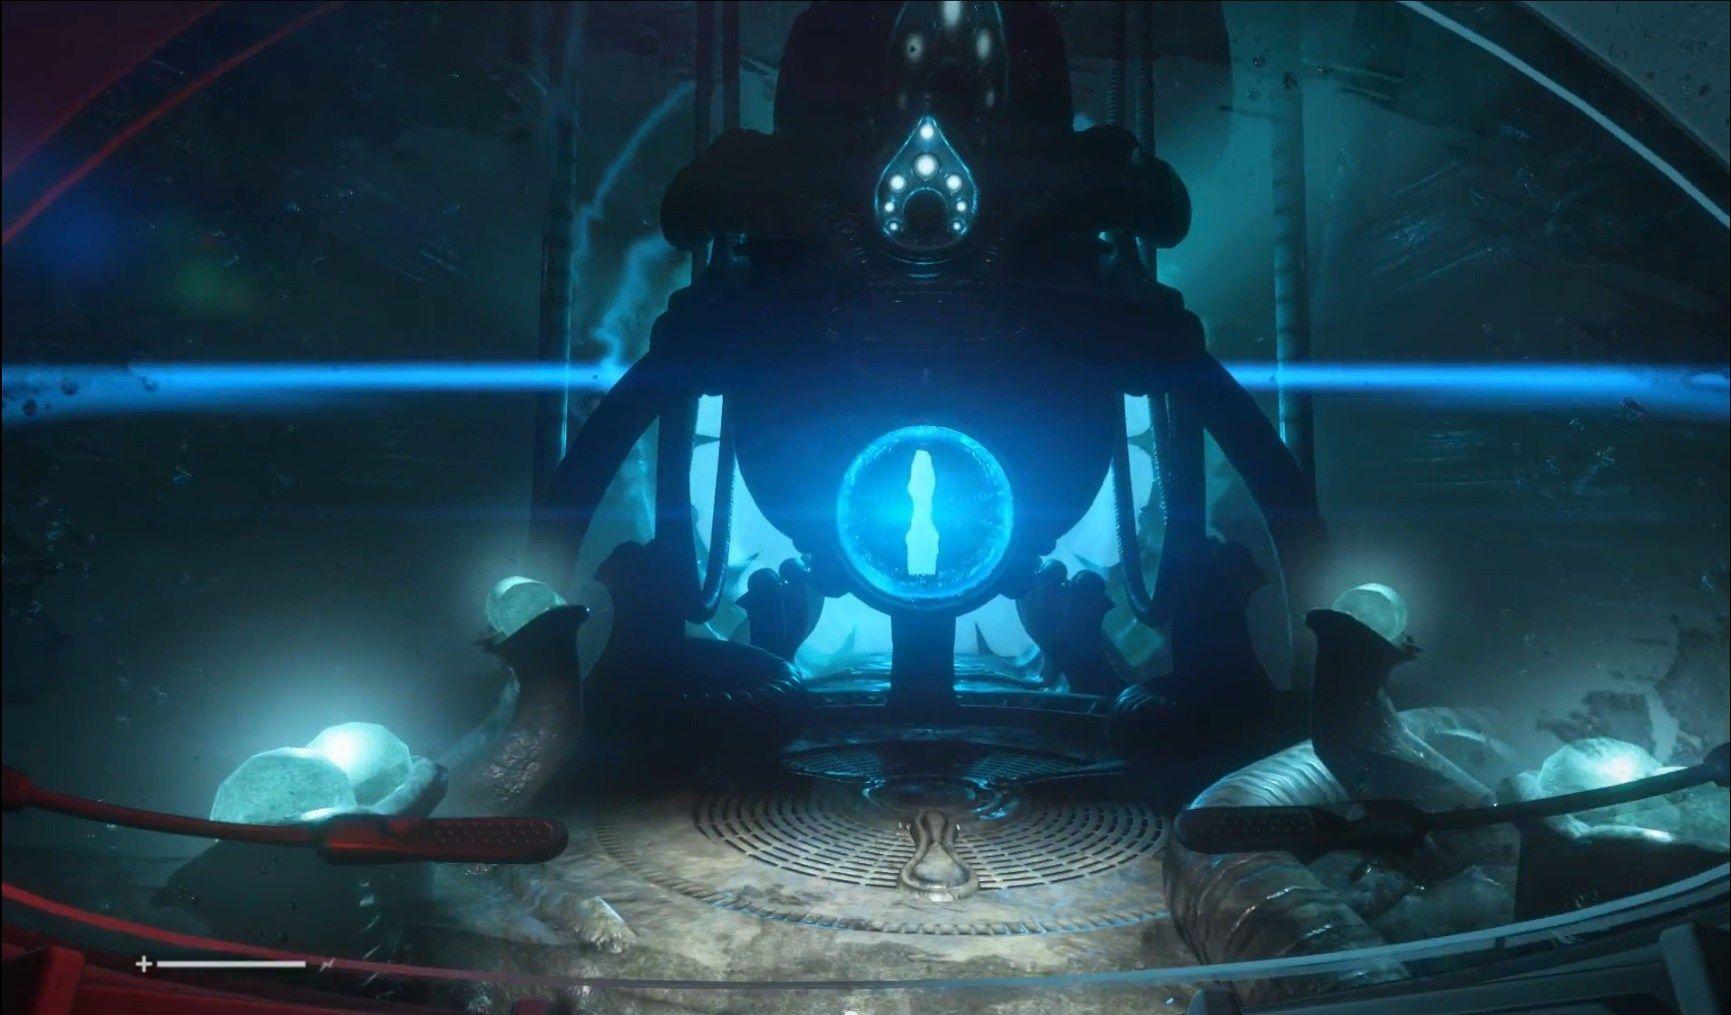 ¿Qué significa realmente la señal que recibe la tripulación de la Nostromo?